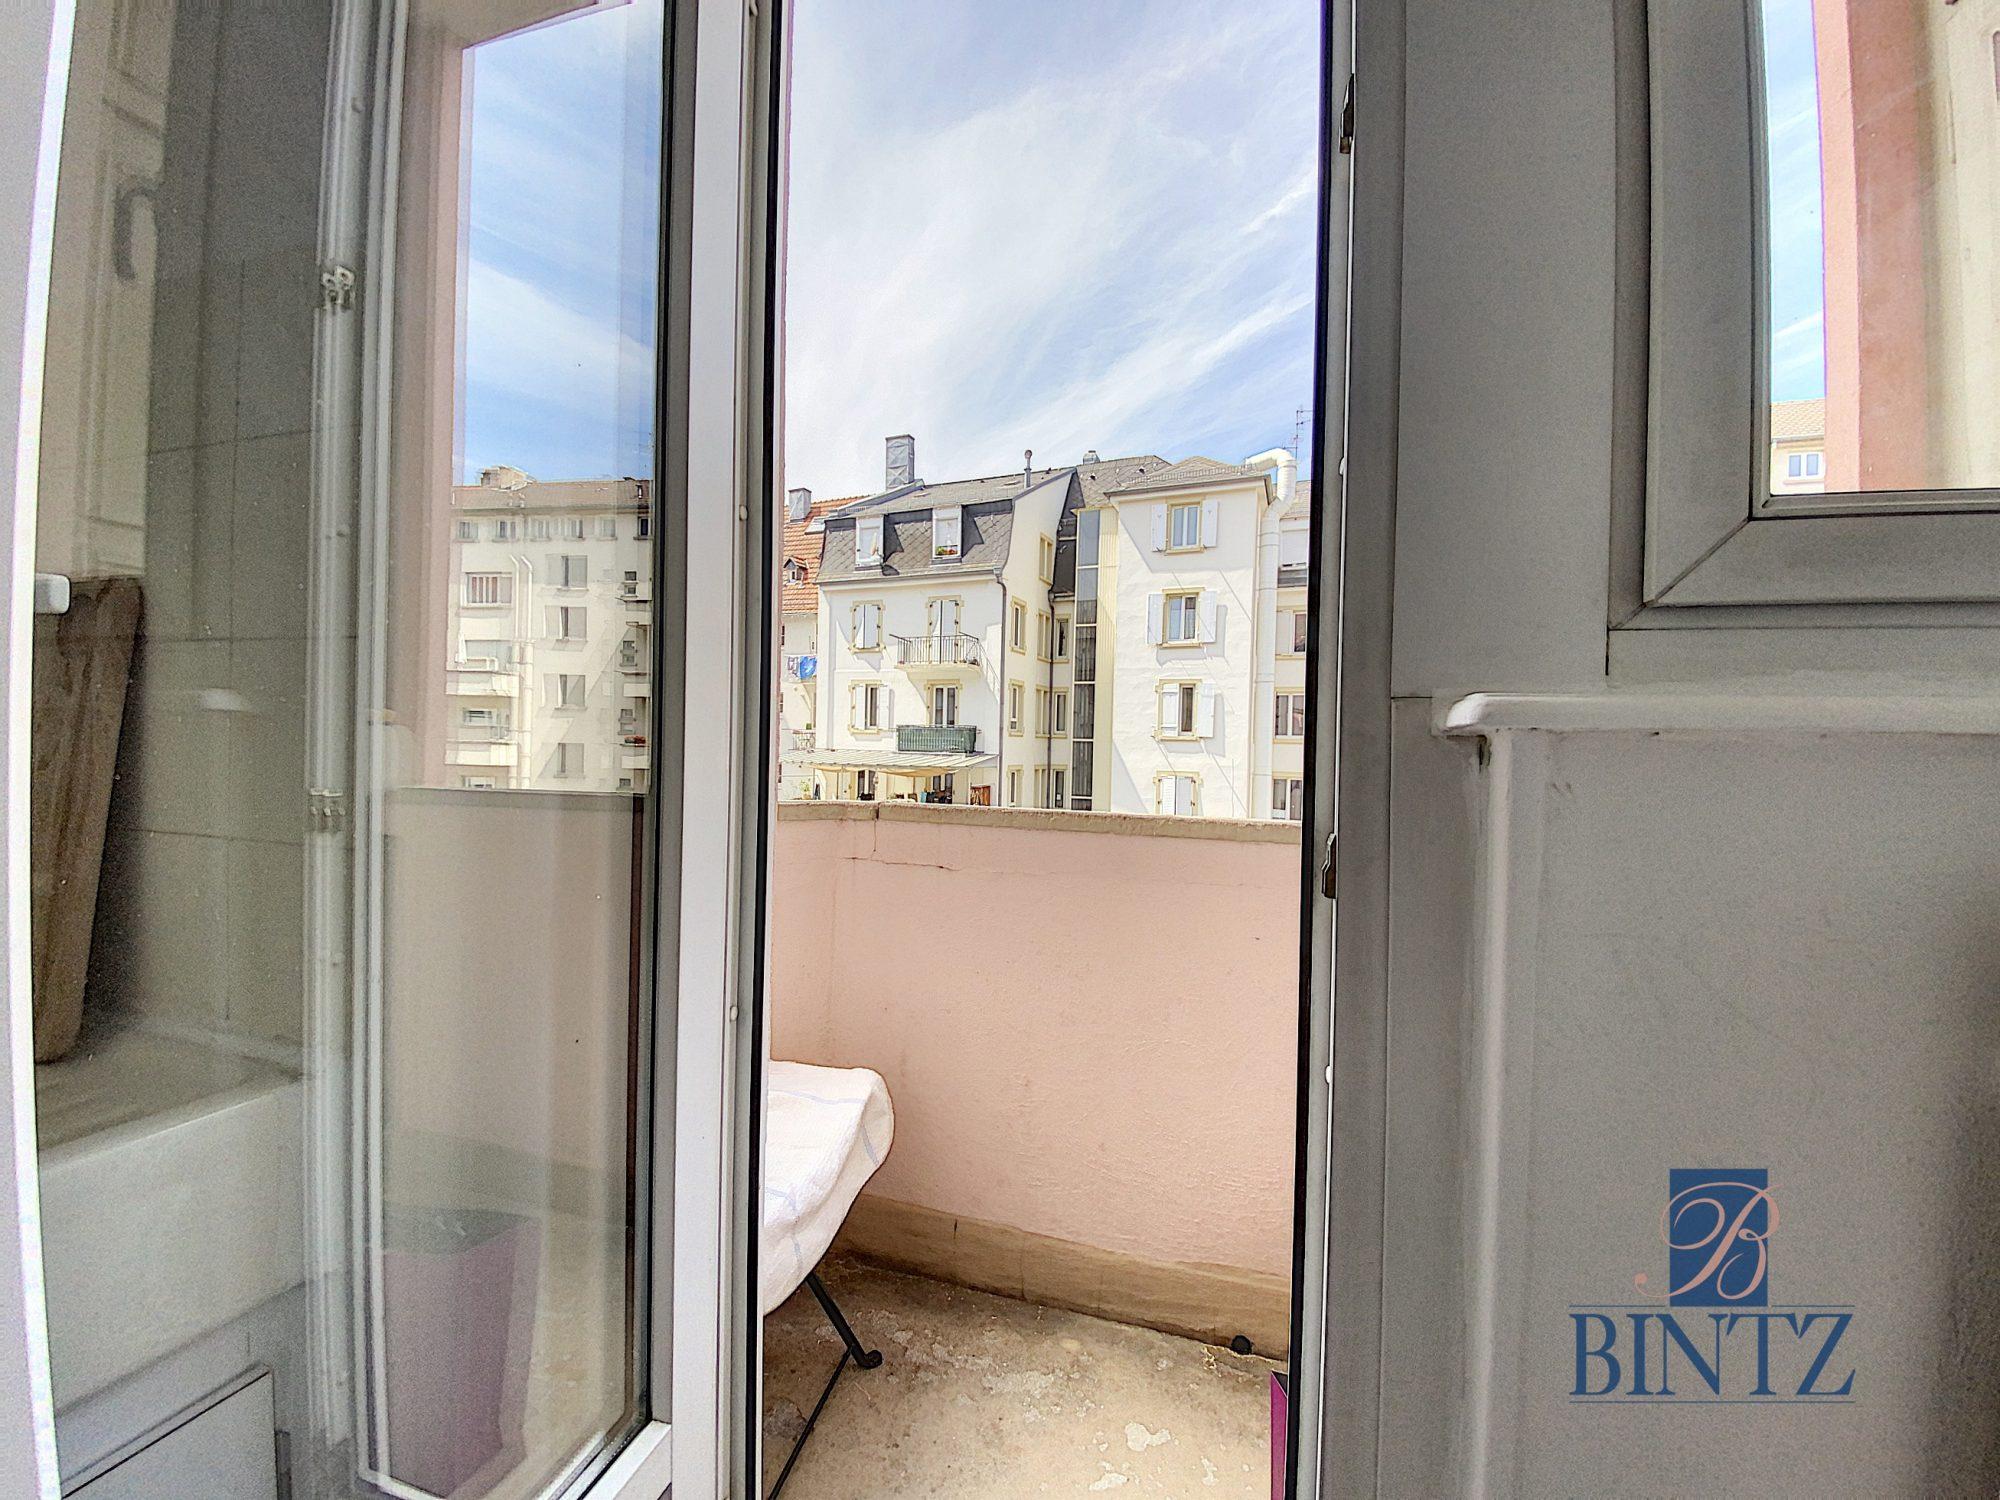 2 PIECES AVEC BALCON KRUTENAU - Devenez locataire en toute sérénité - Bintz Immobilier - 15